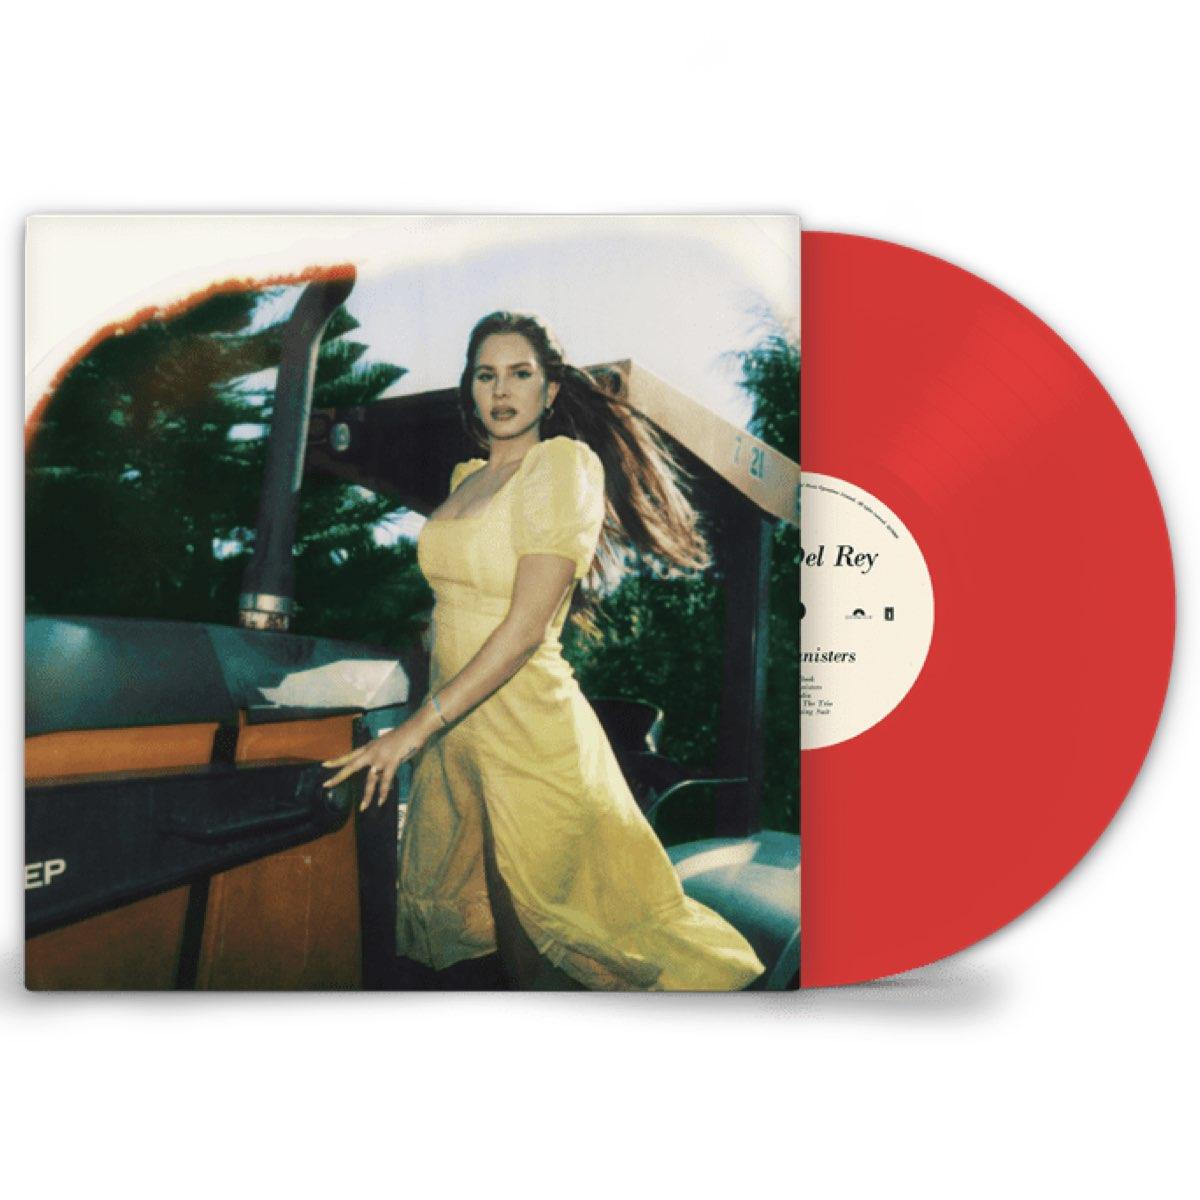 Lana Del Rey - Blue Banisters [Double Transparent Red Vinyl - HMV Exclusive]